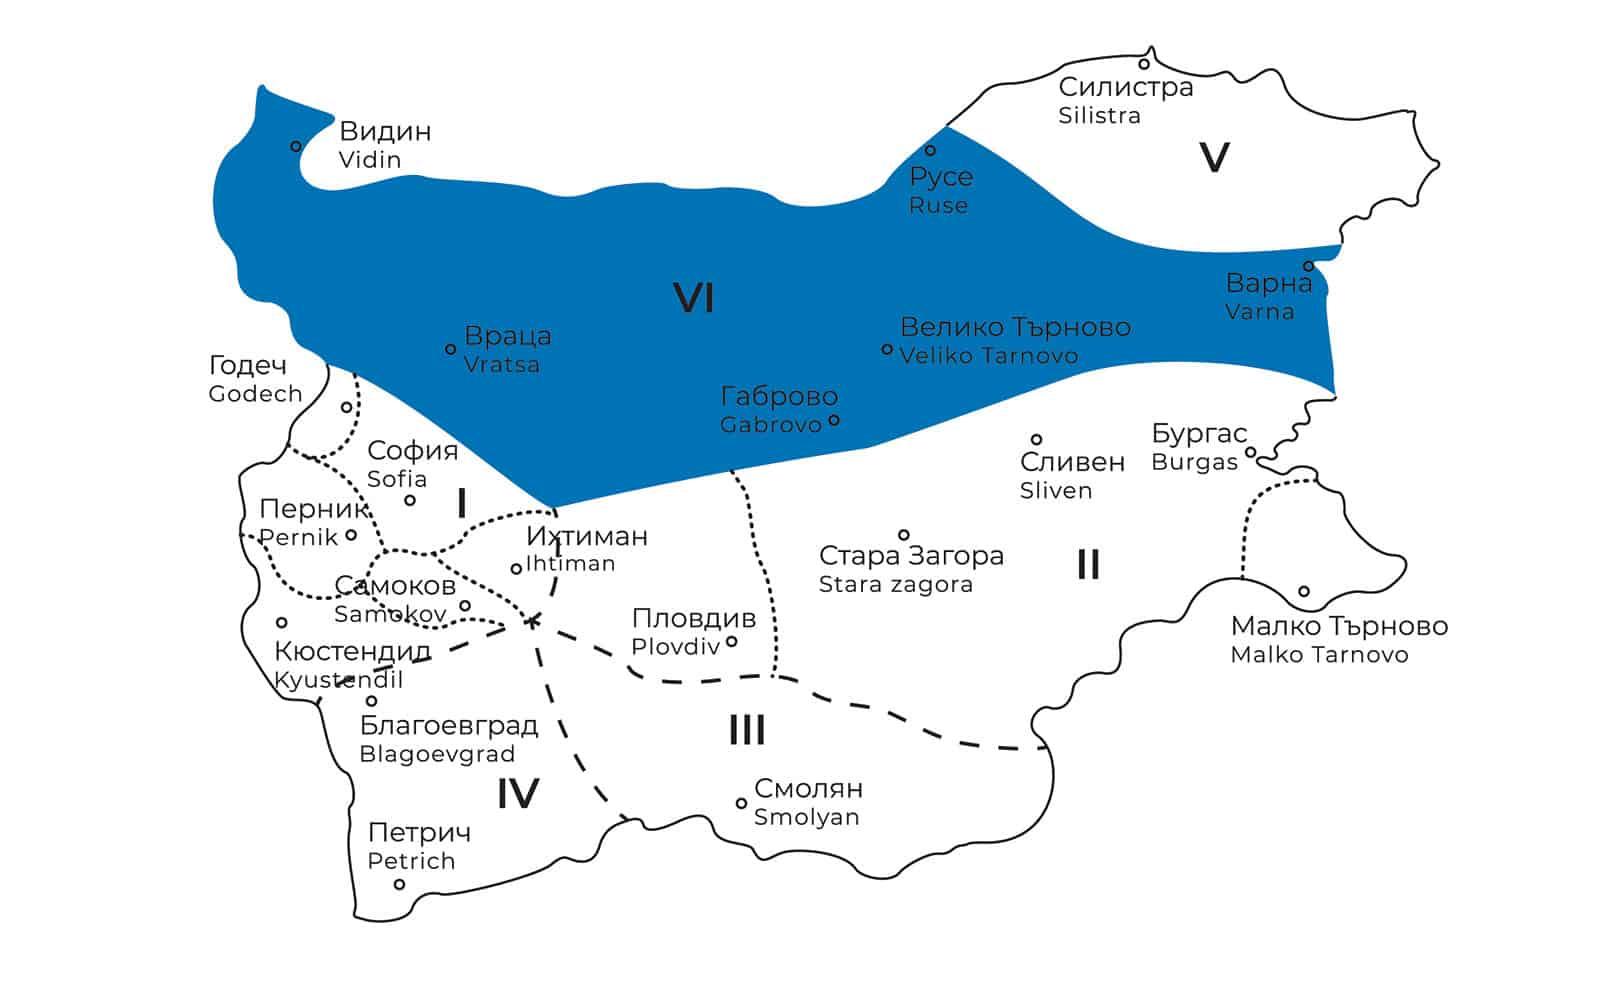 карта на северняшката фолклорна област в България